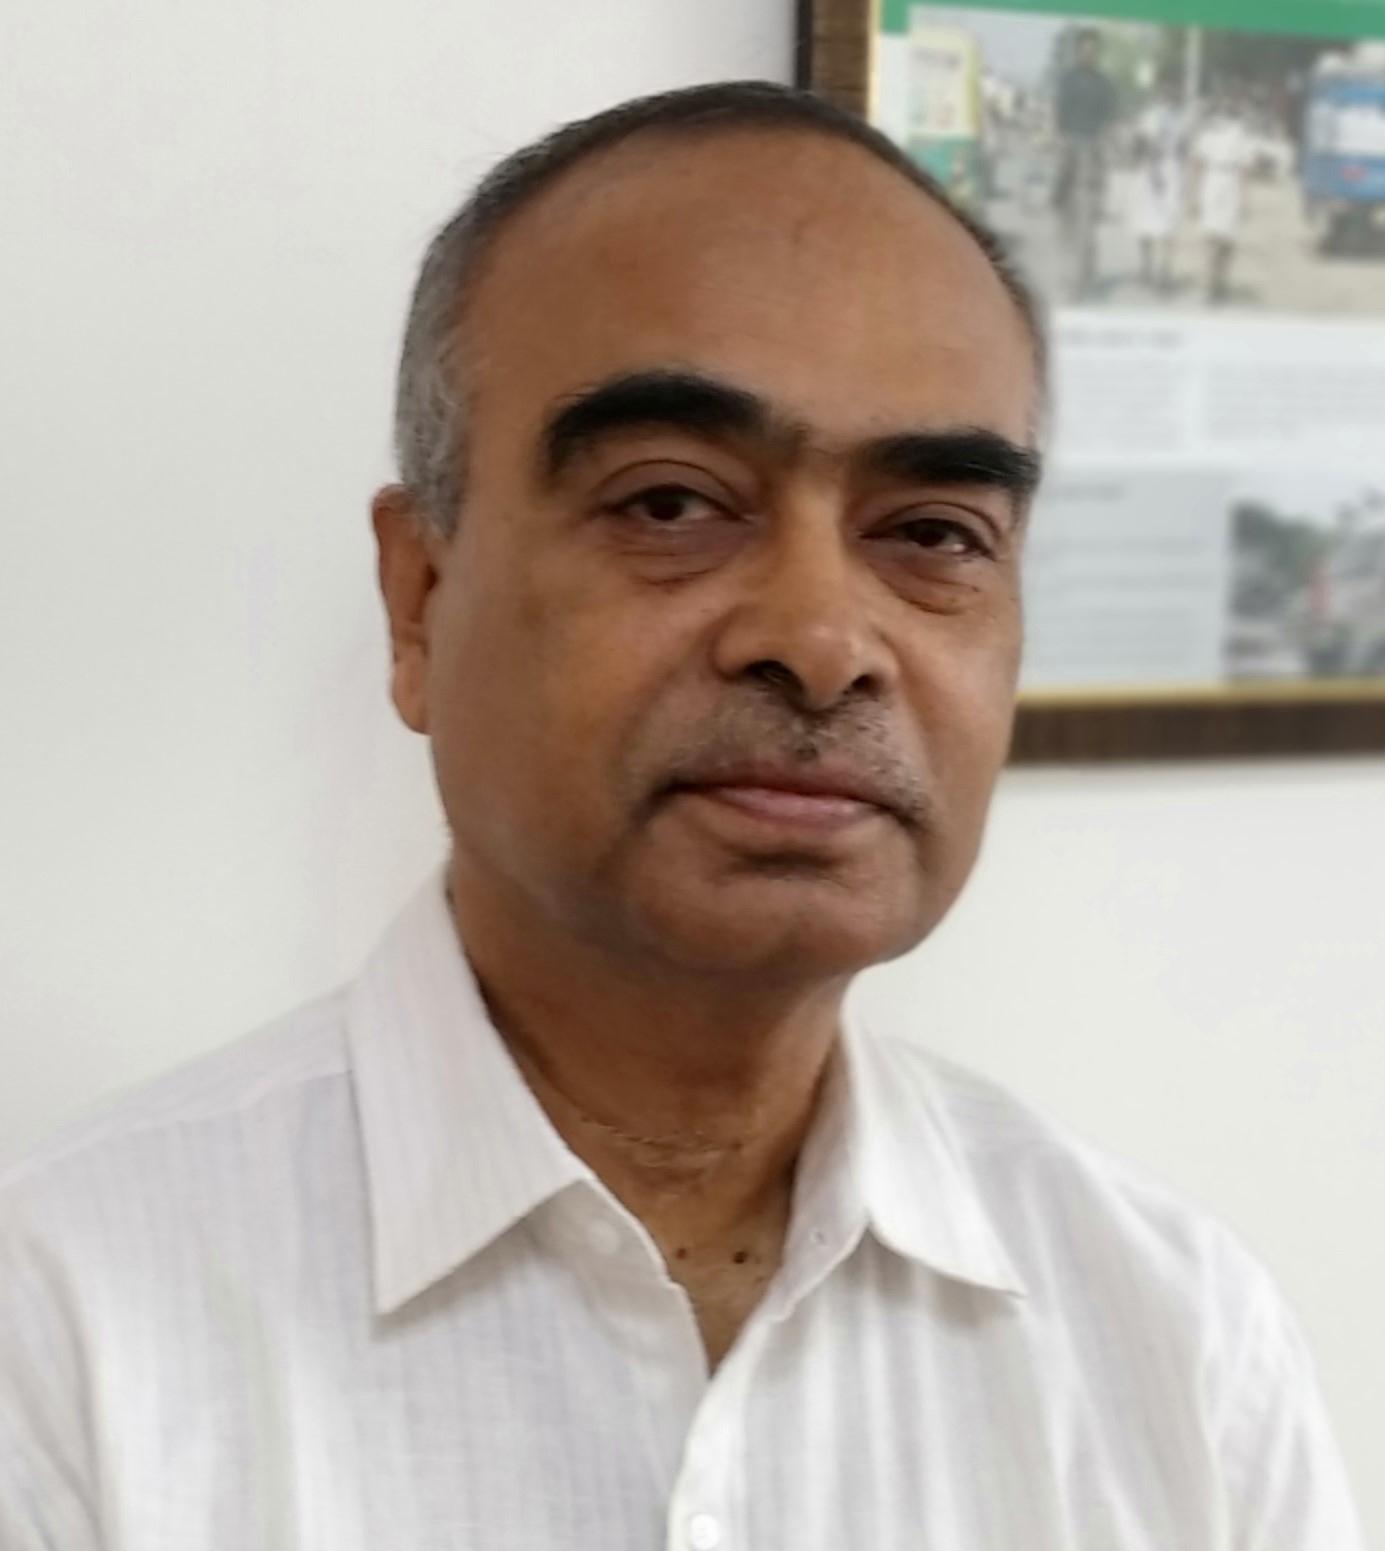 Subhamay Gangopadhyay